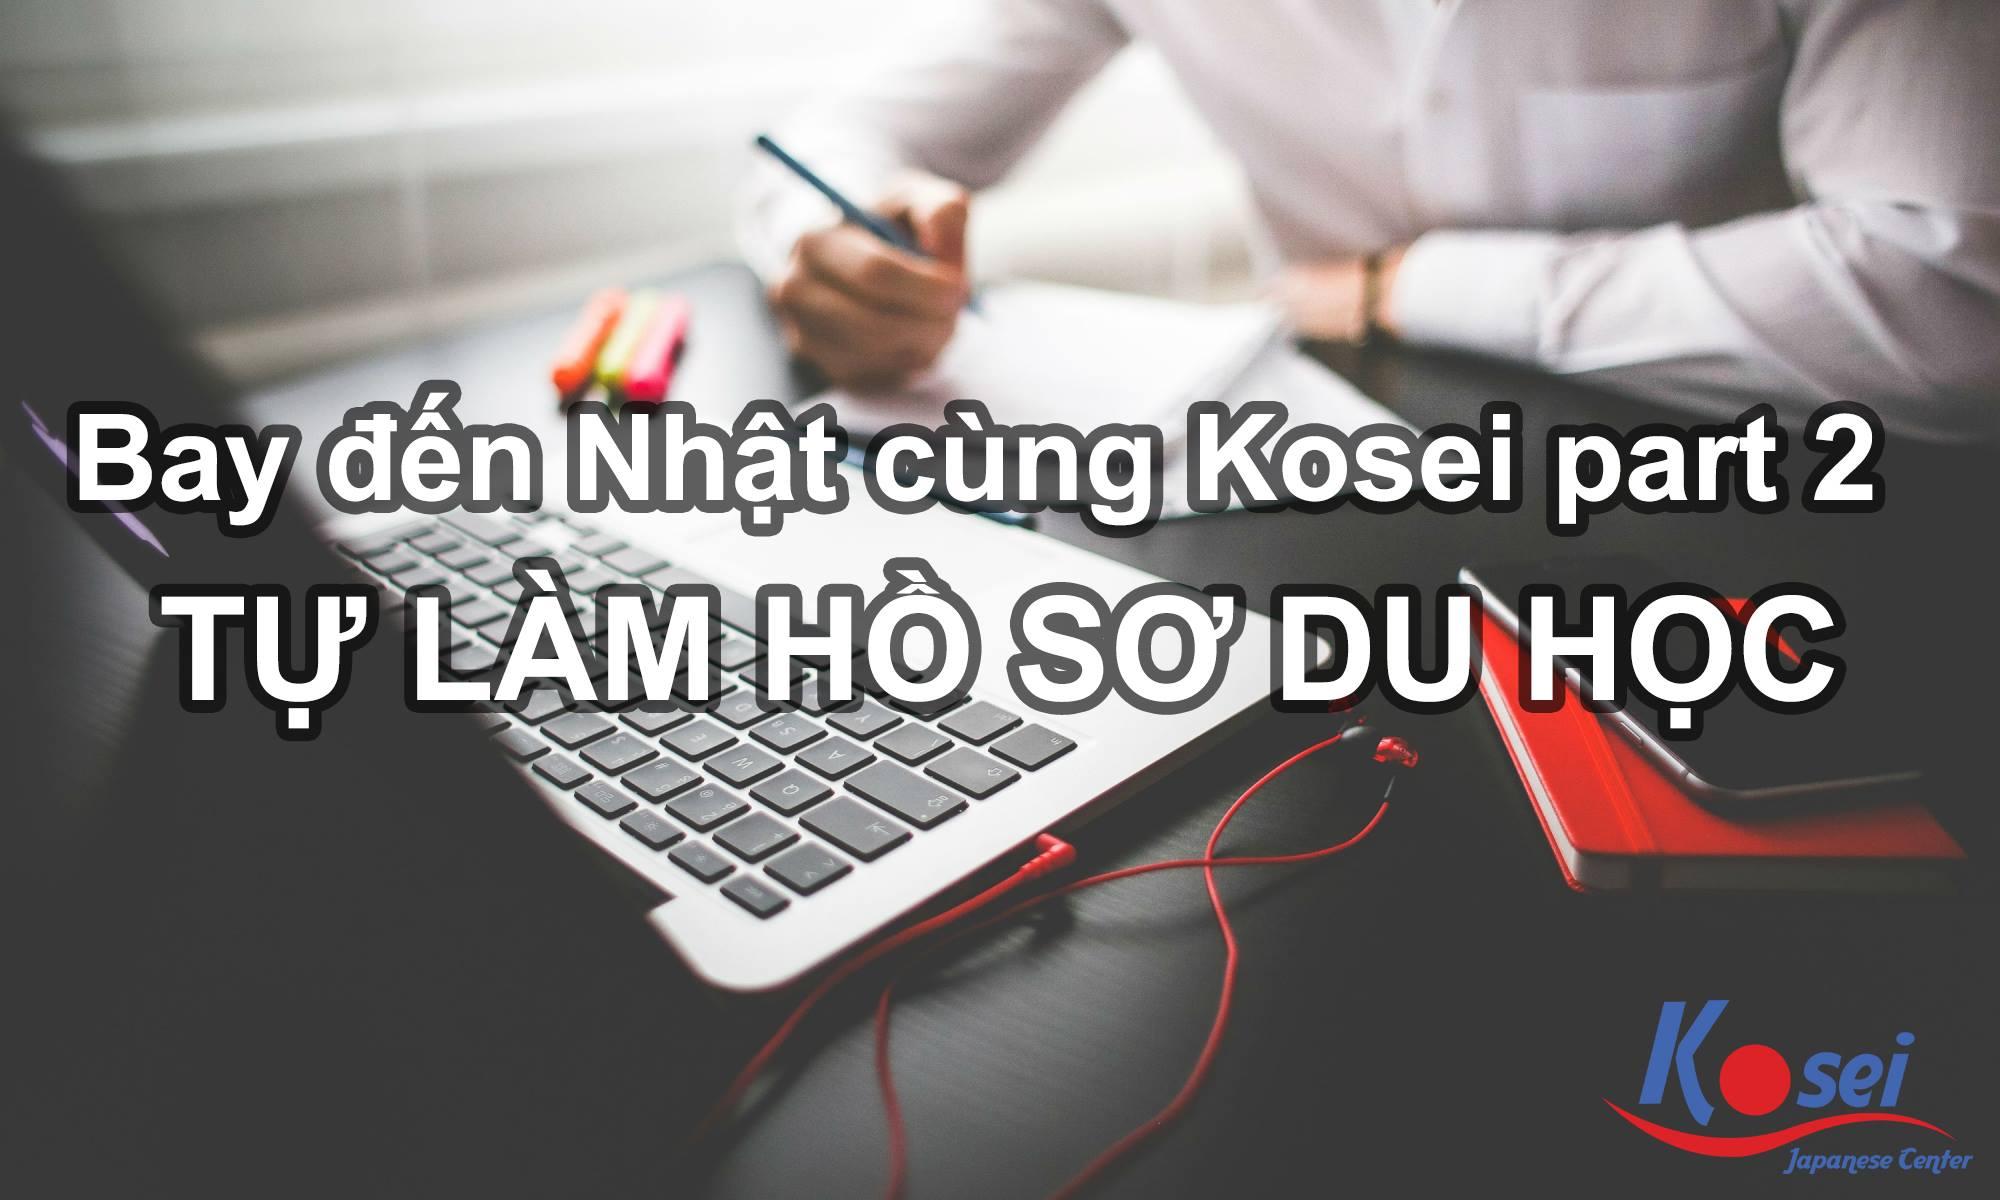 https://kosei.vn/tu-lam-ho-so-du-hoc-nhat-ban-n1643.html